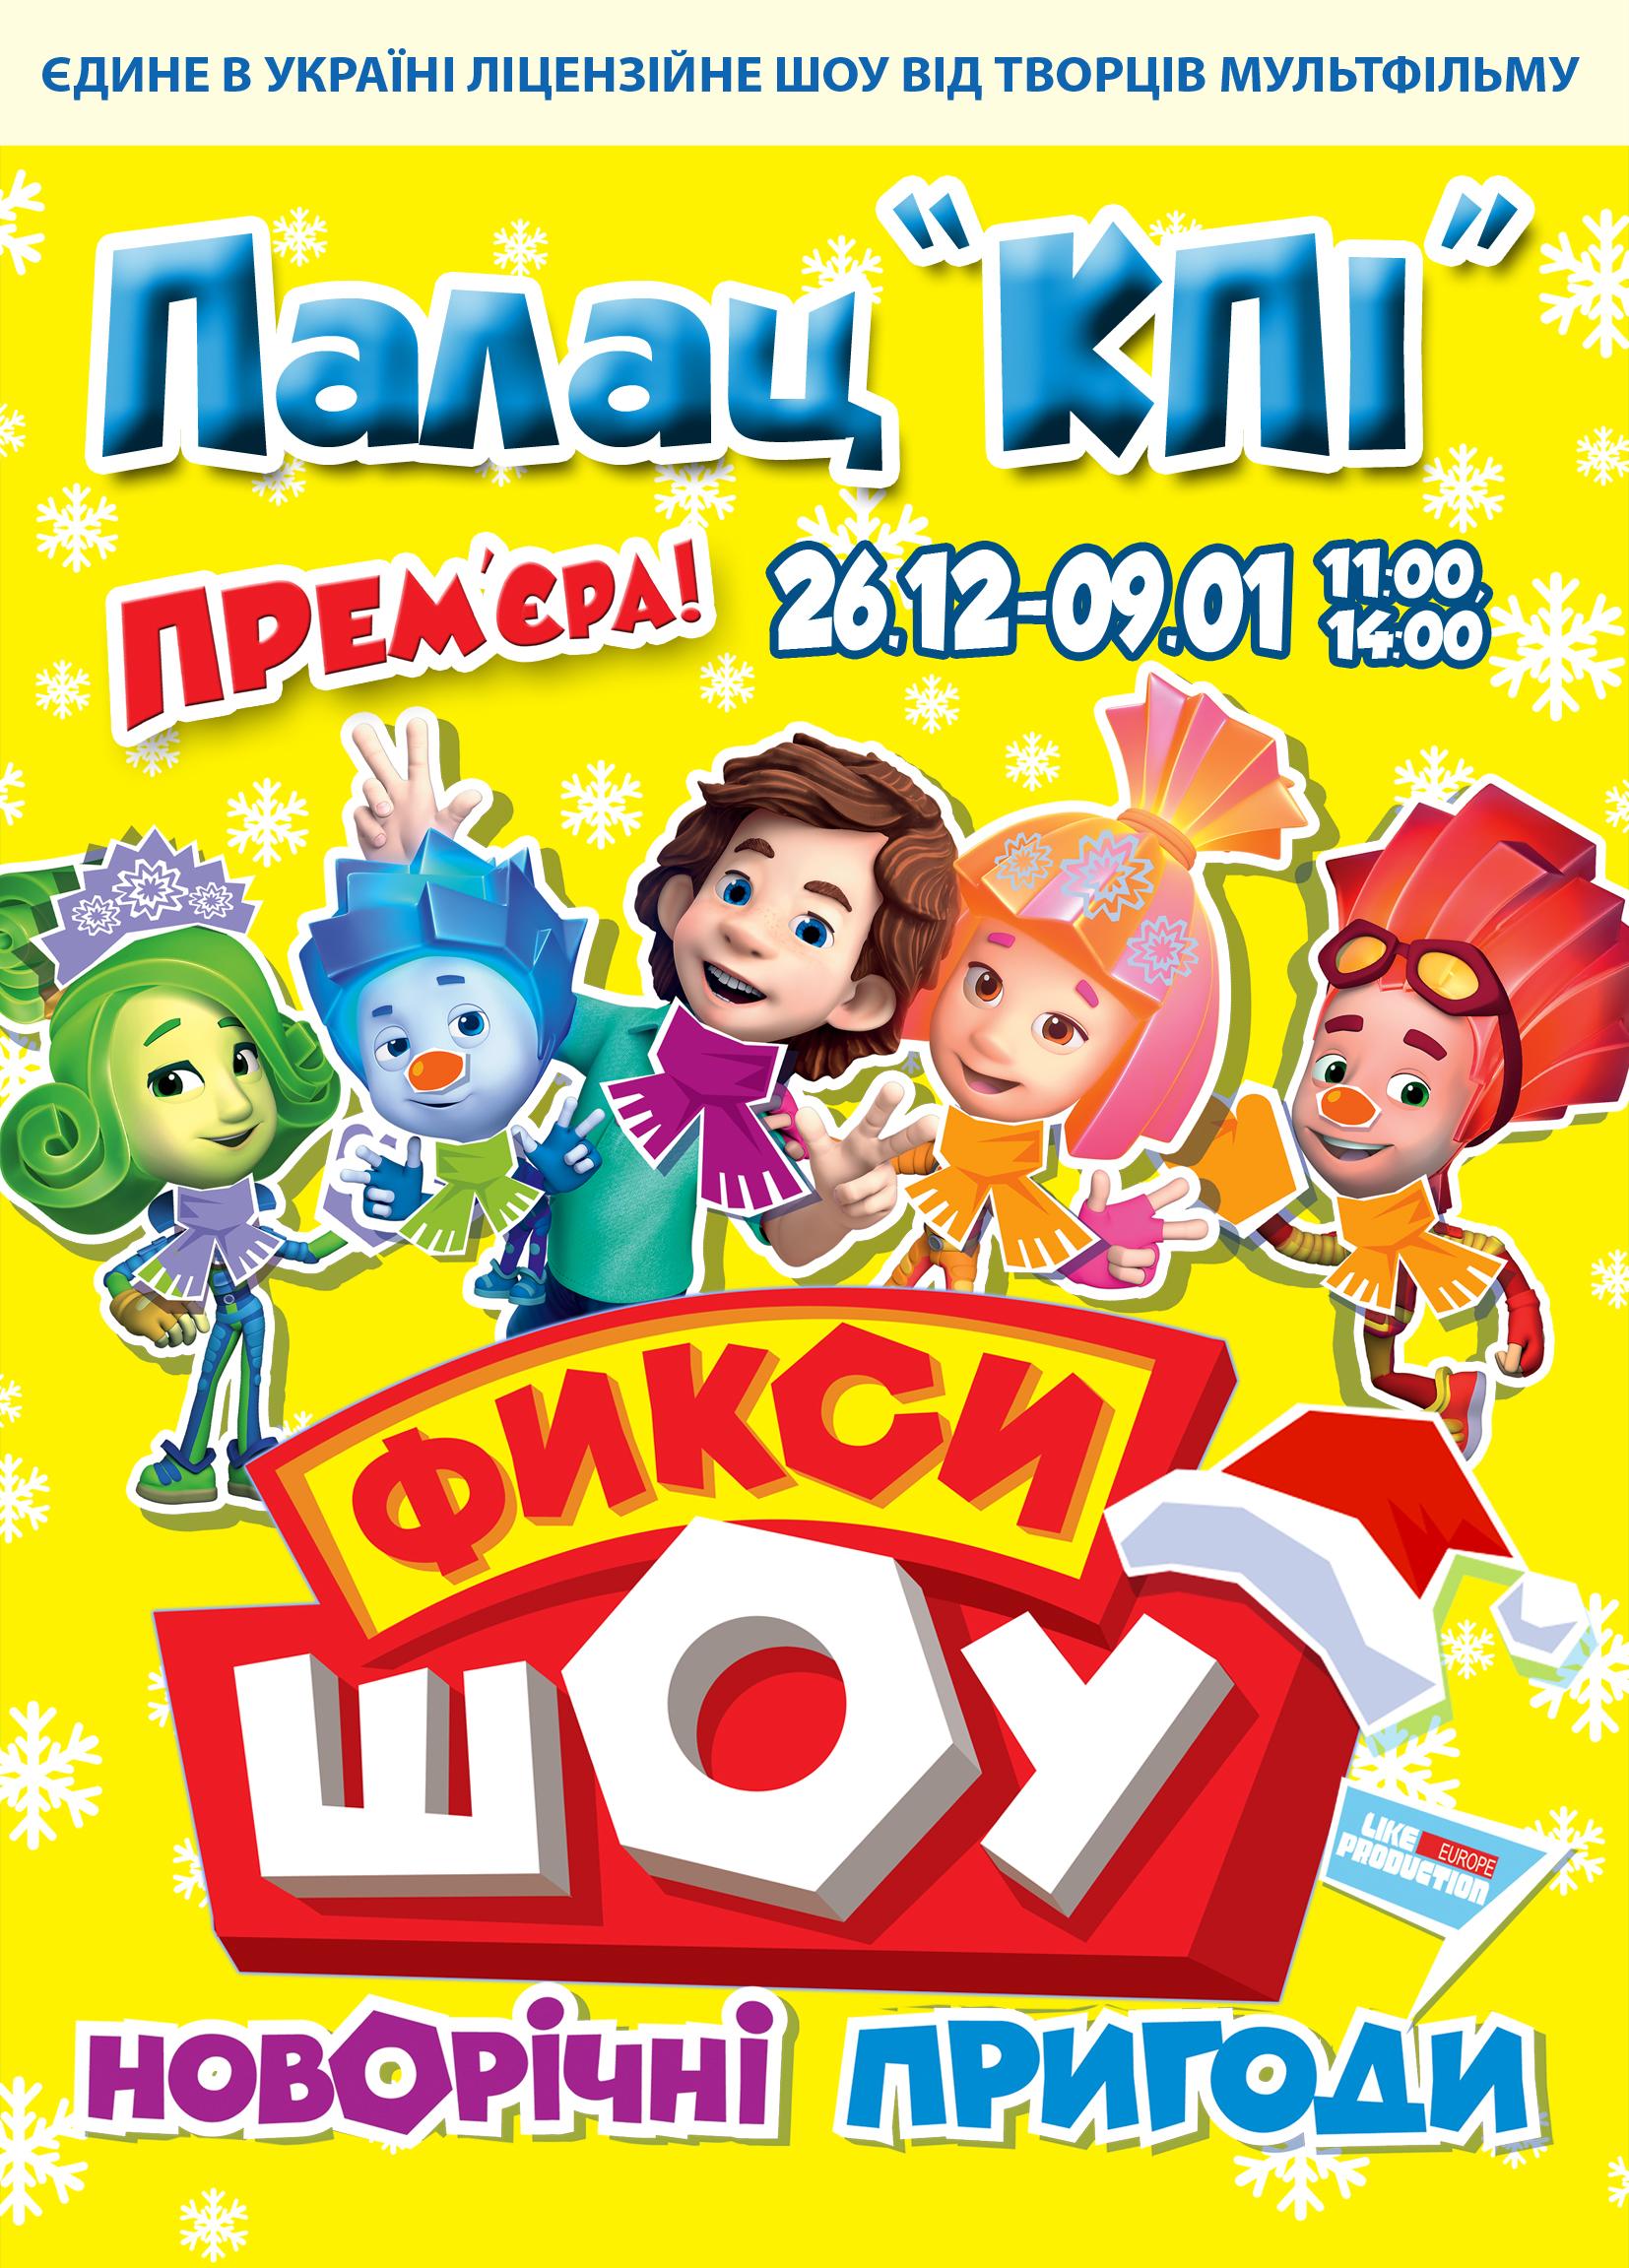 представления в Киеве для детей 2015-2016